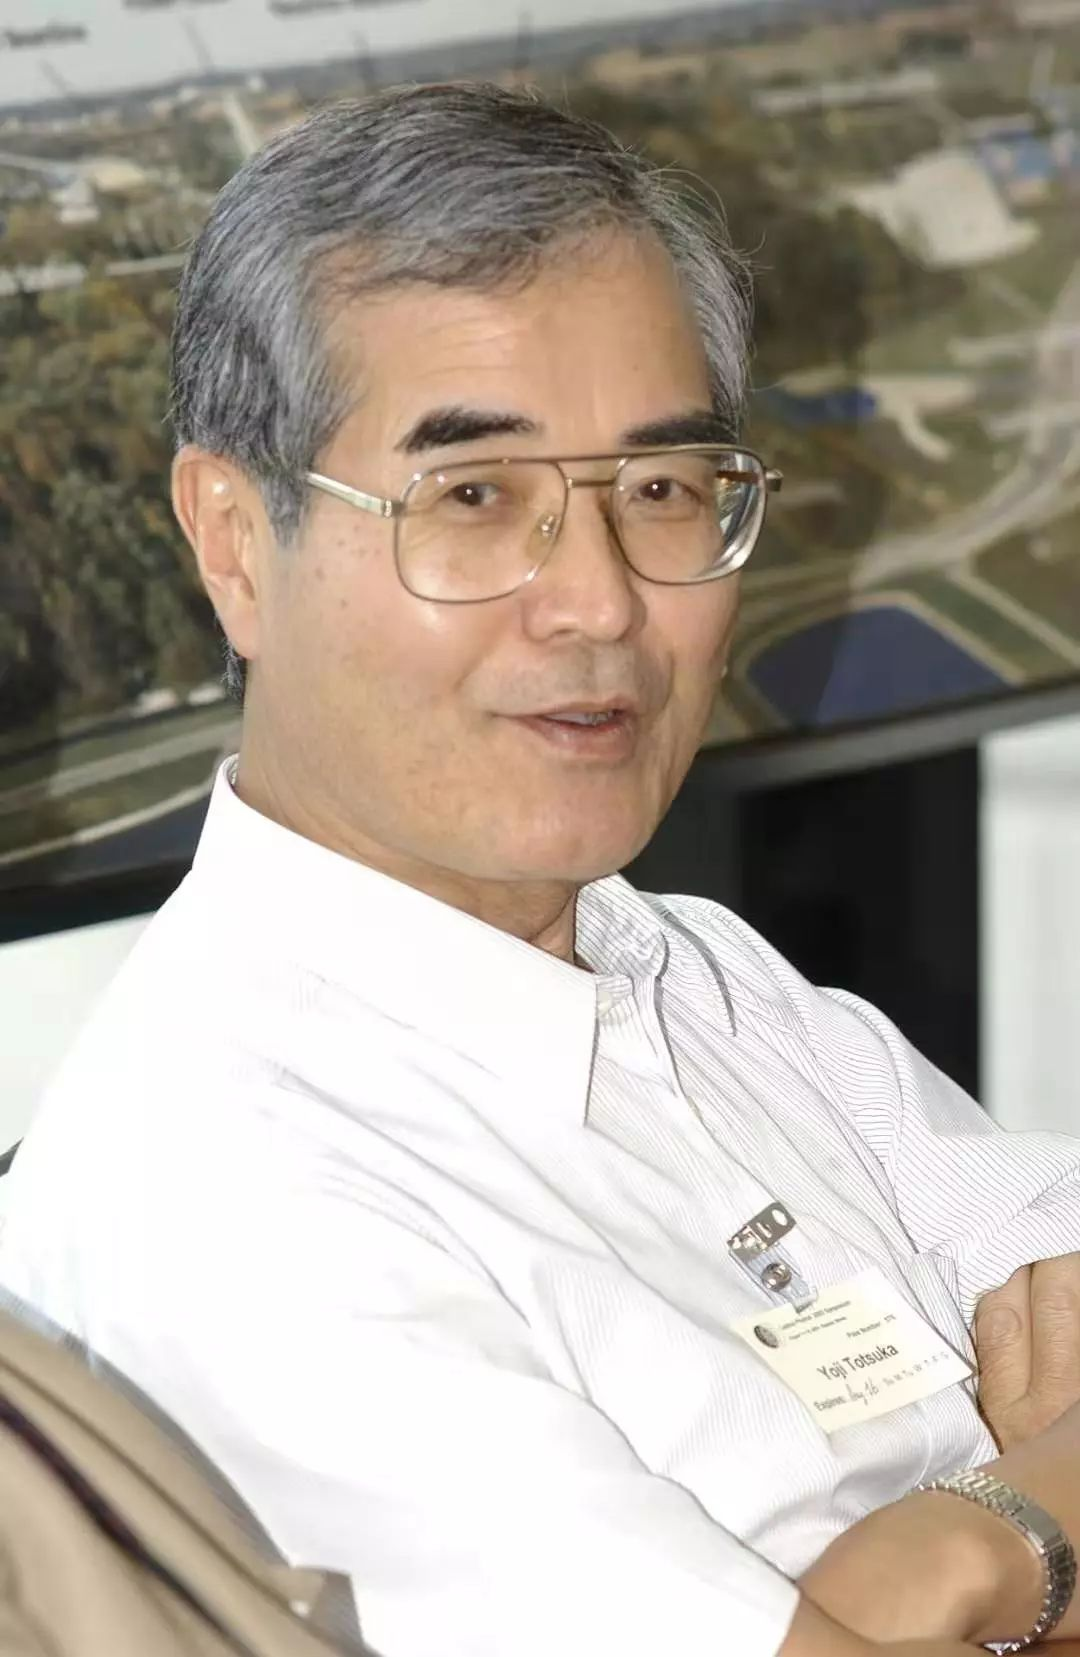 2003年访问美国费米国家实验室时的户塚洋二 | 摄影:Reidar Hahn